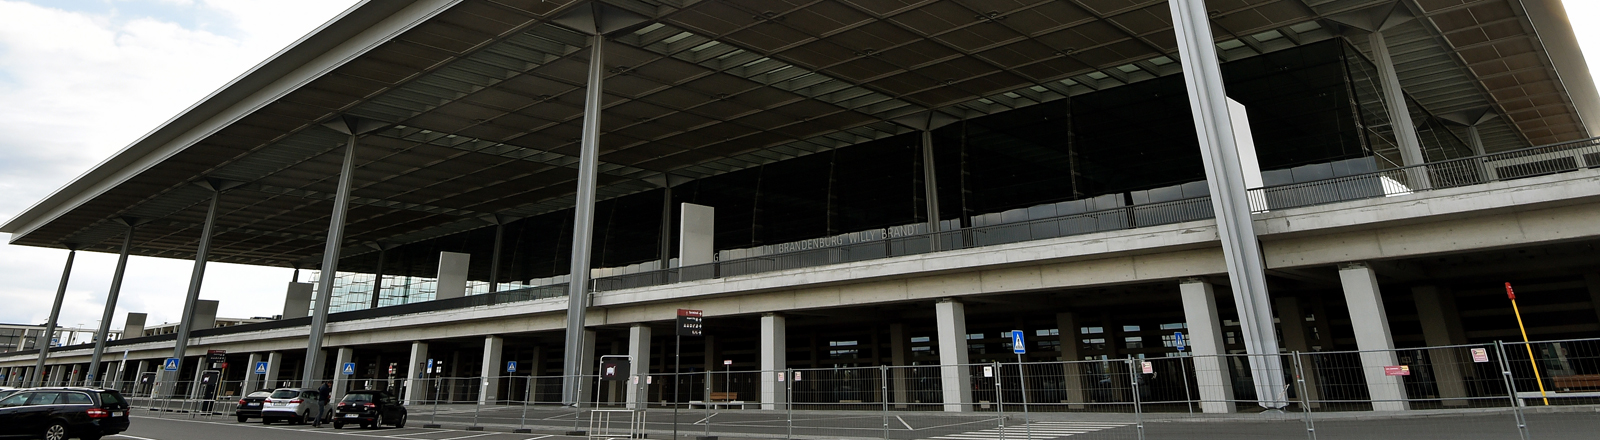 Dauerbaustelle: Der BER-Hauptstadtflughafen.